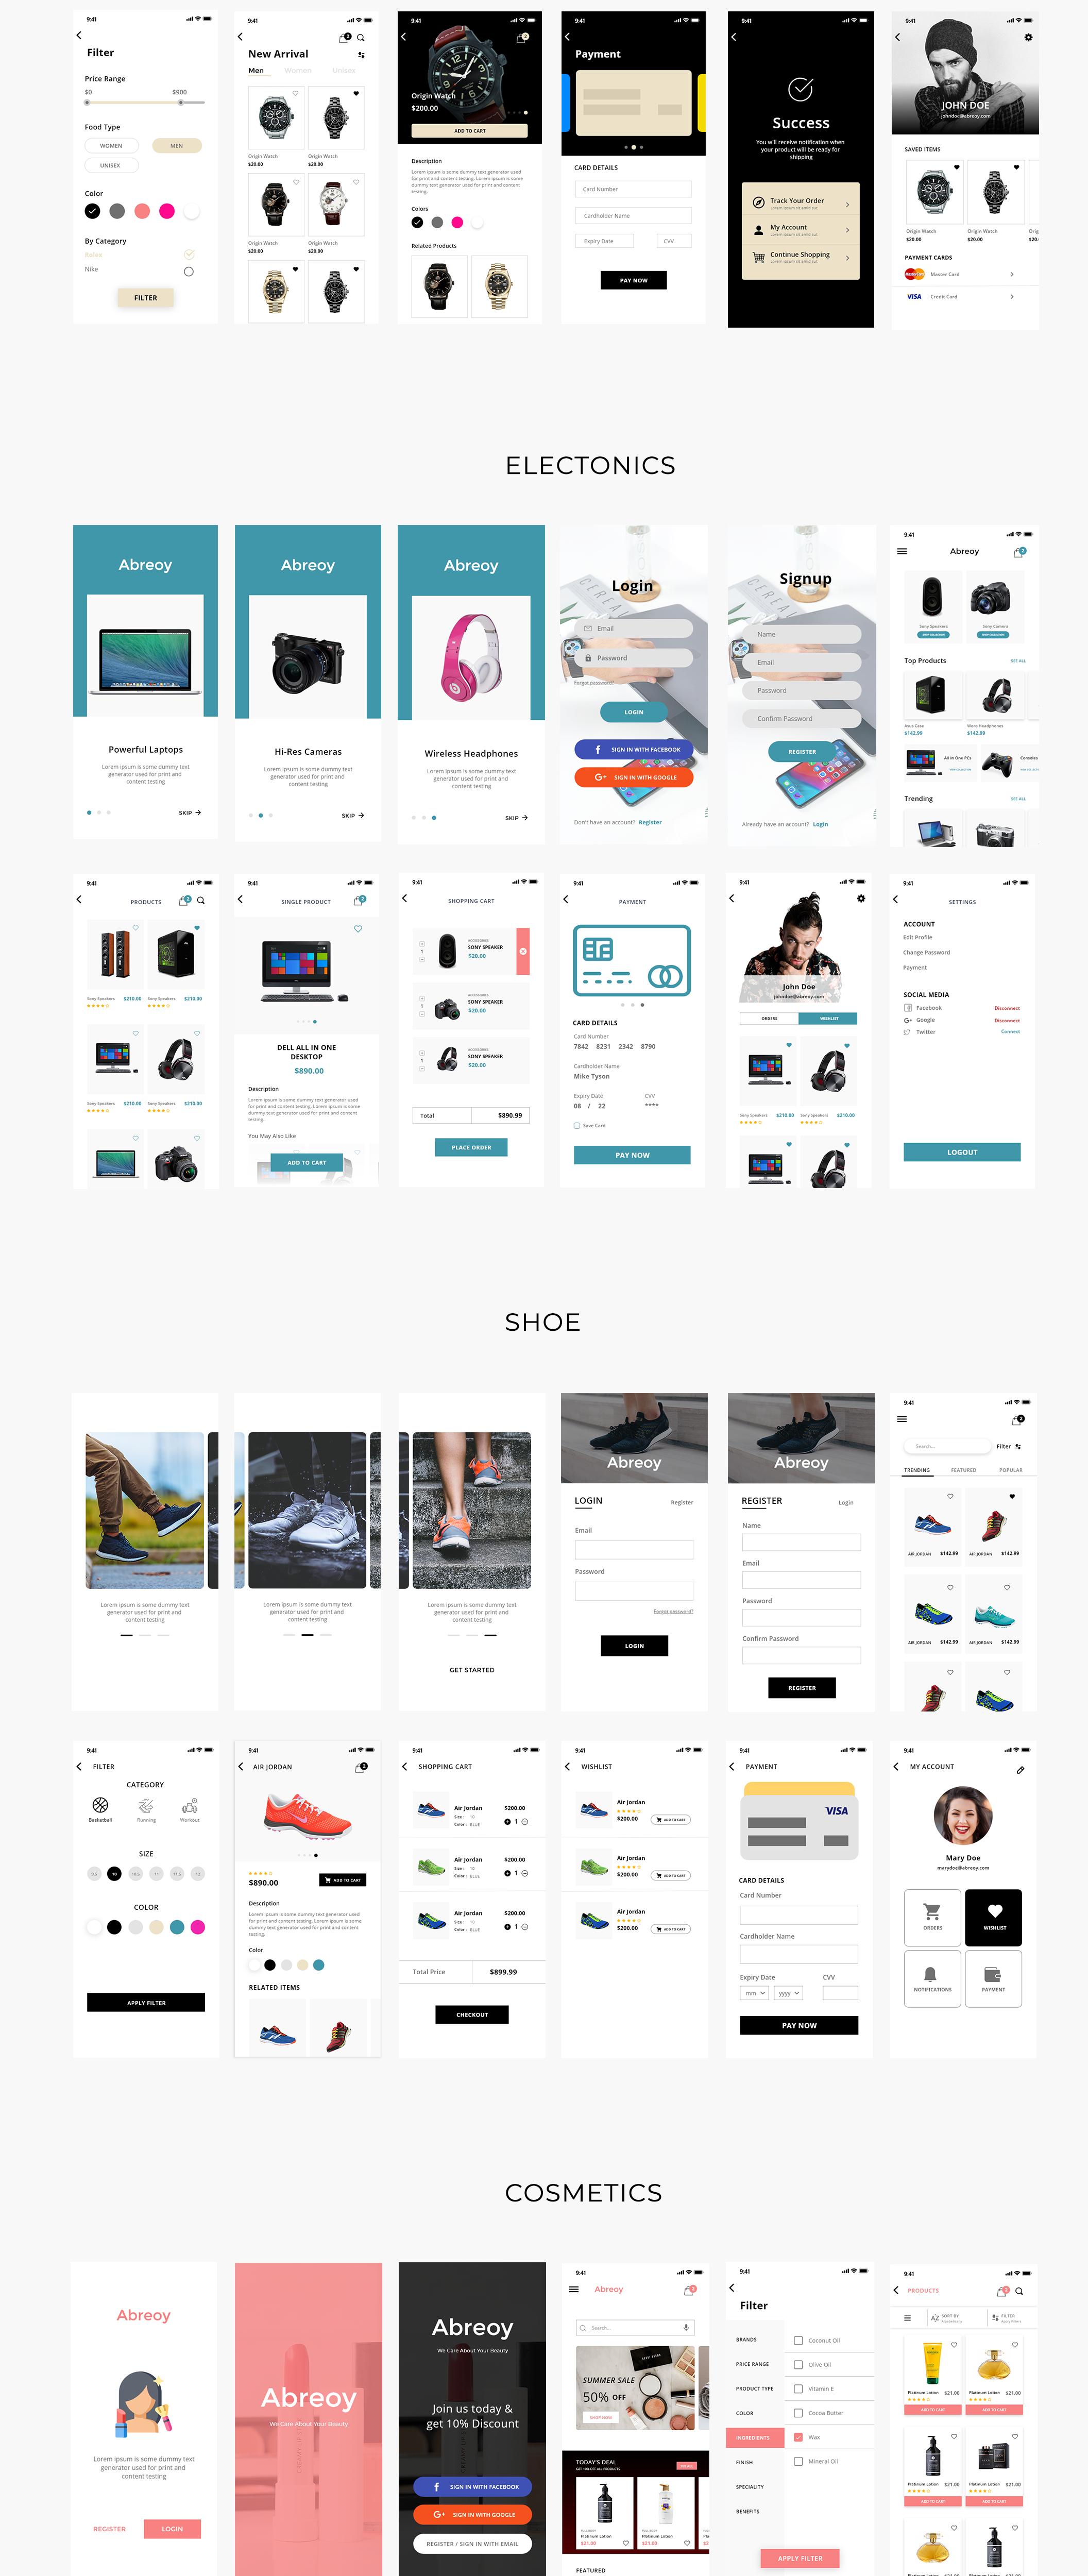 在线购物电子商城APP应用设计UI套件素材 Abreoy E-Commerce UI Kit插图(1)